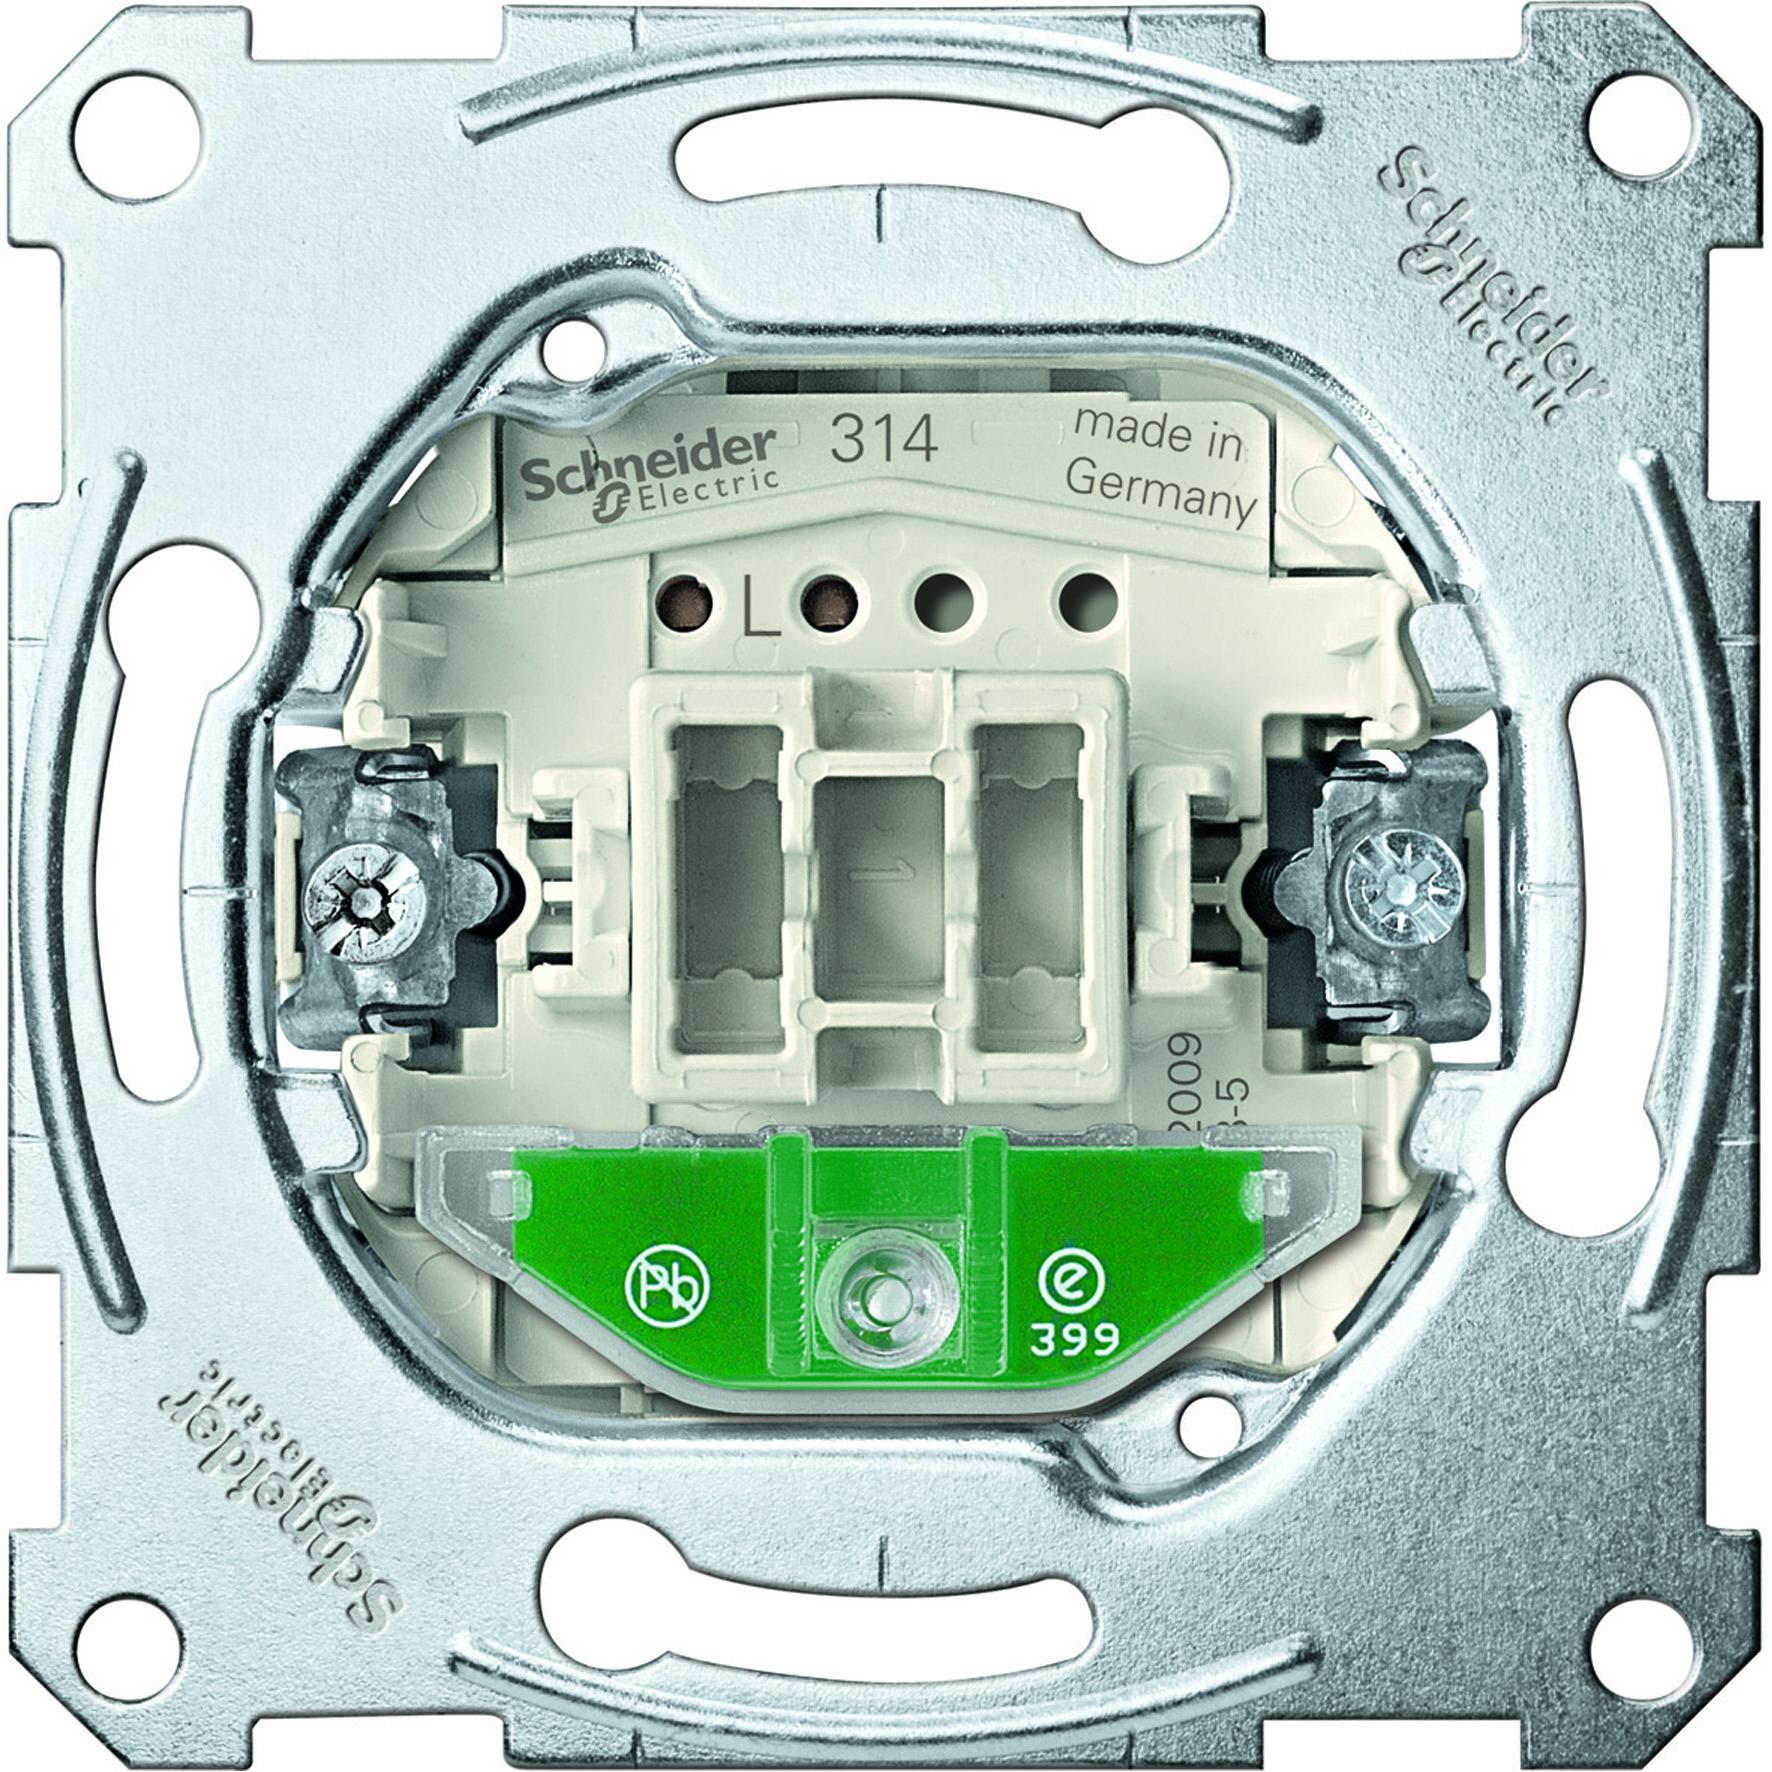 Schneider-Merten wisselschakelaarsokkel met orientatieverlichting, 1-polig, 10 AX, AC 250 V met steekklemmen (MTN3136-0000)